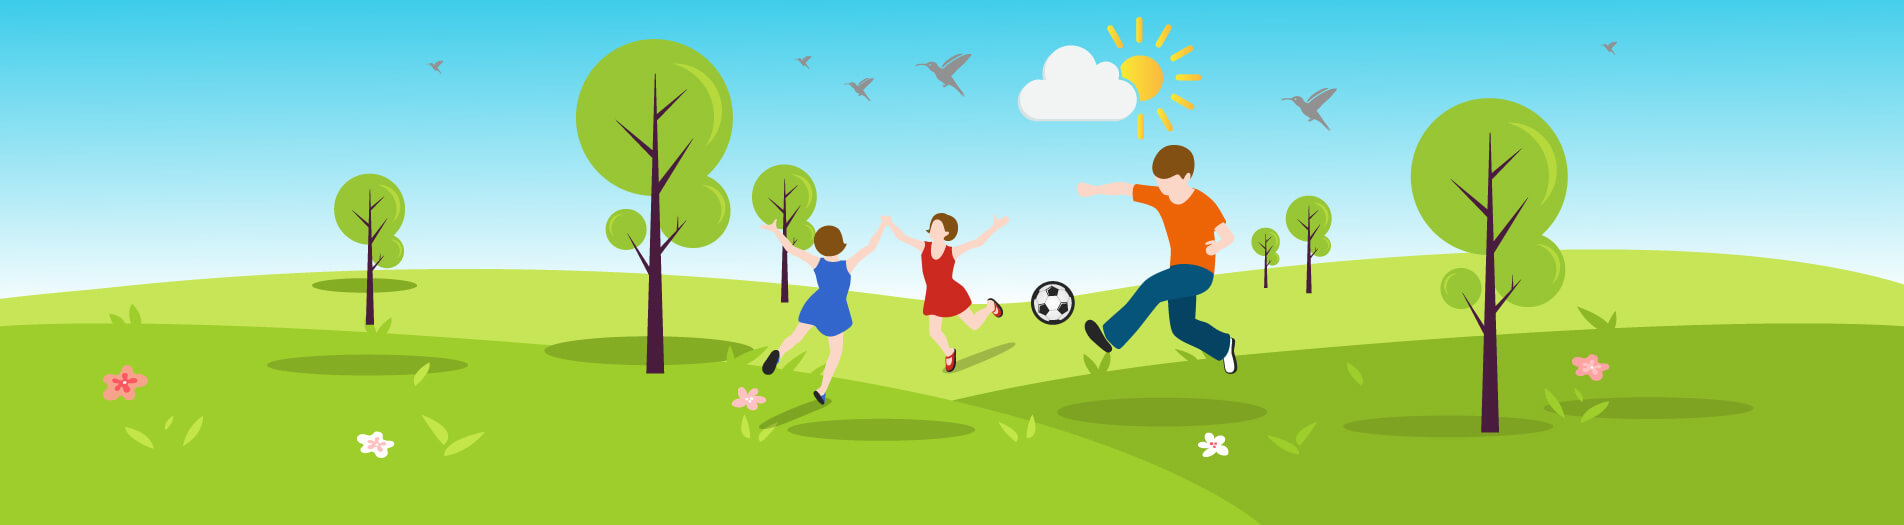 فضای سبز حافظه و تمرکز بچهها را تقویت میکند